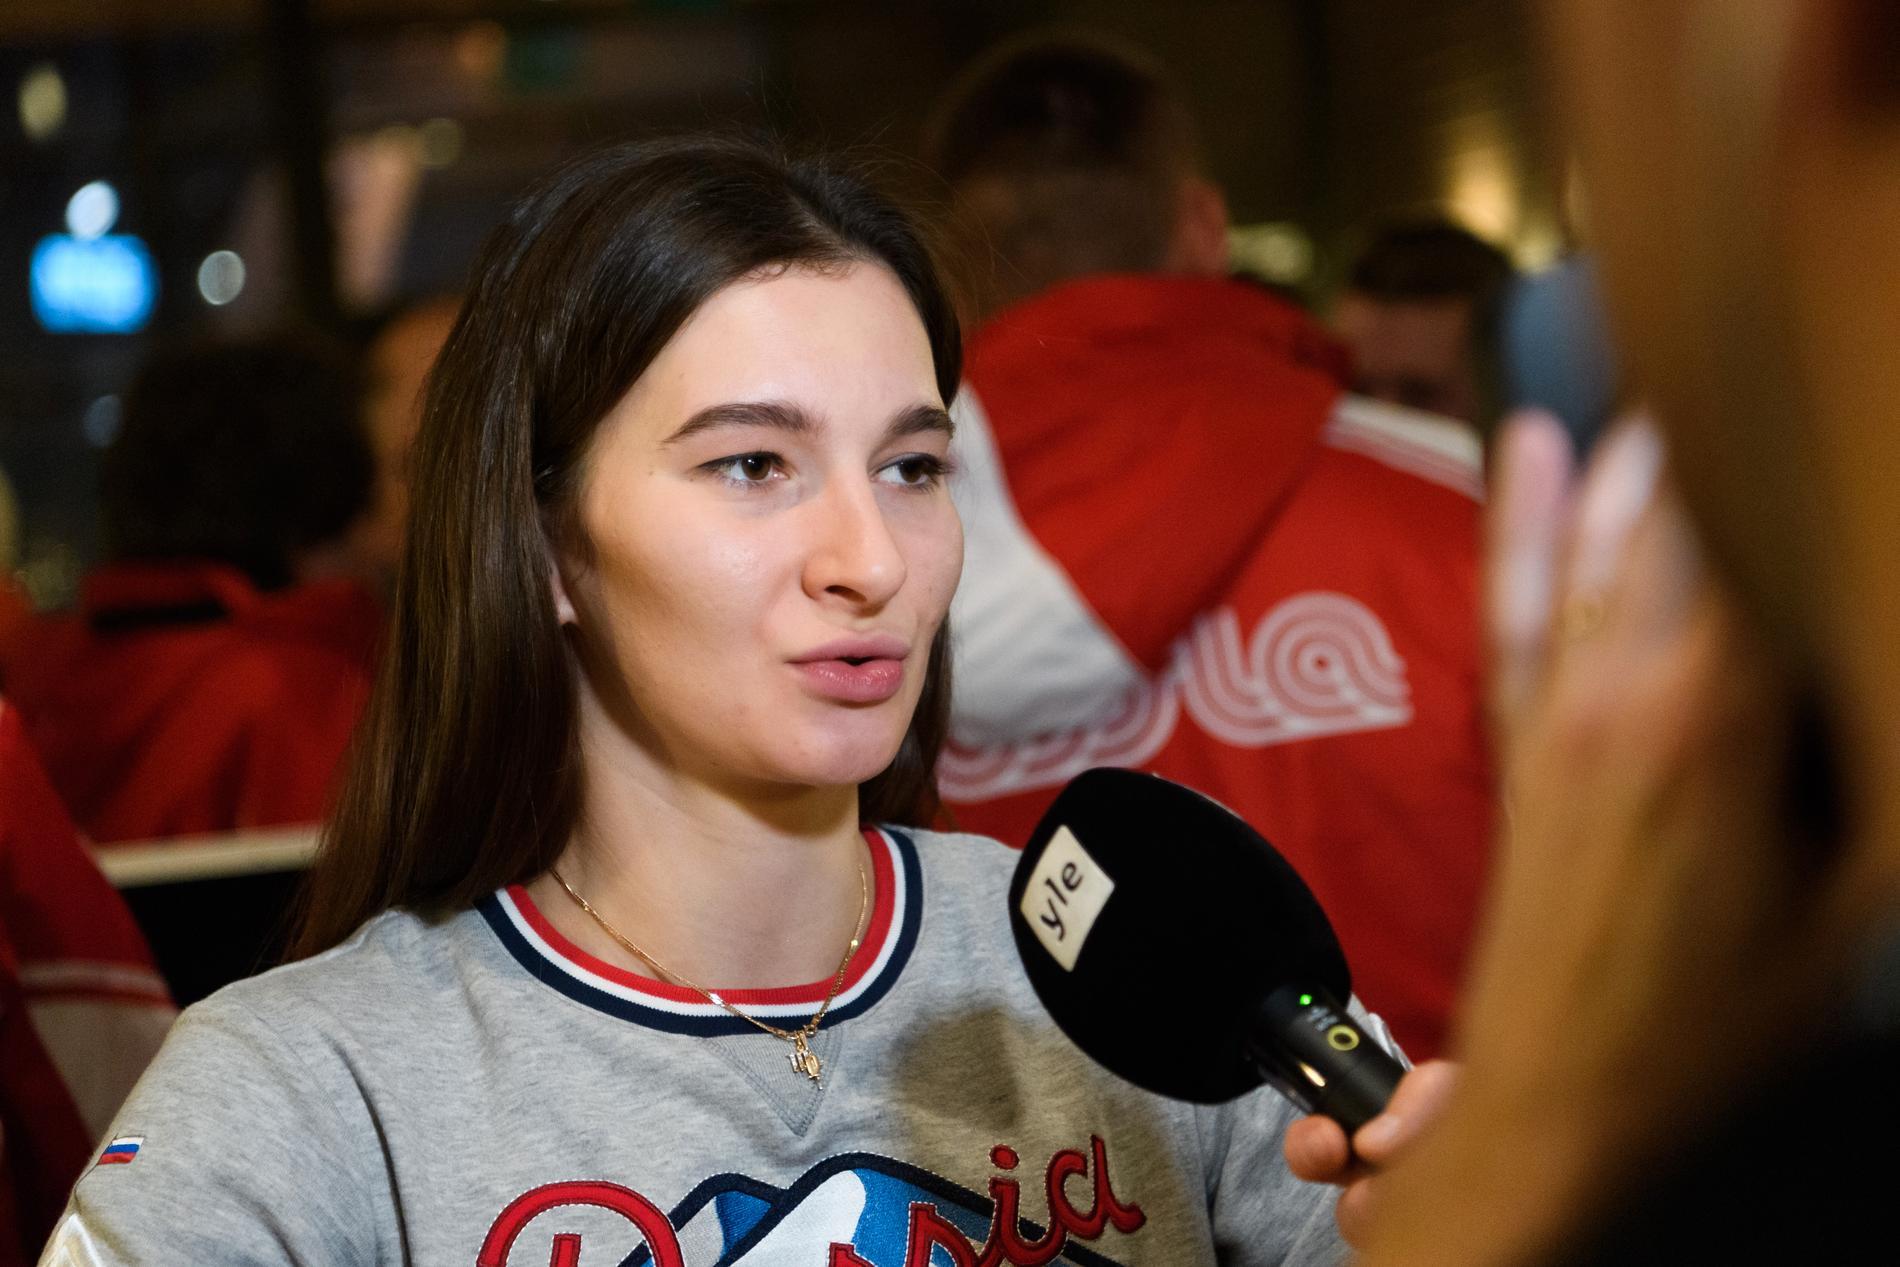 Natalja Neprjajev